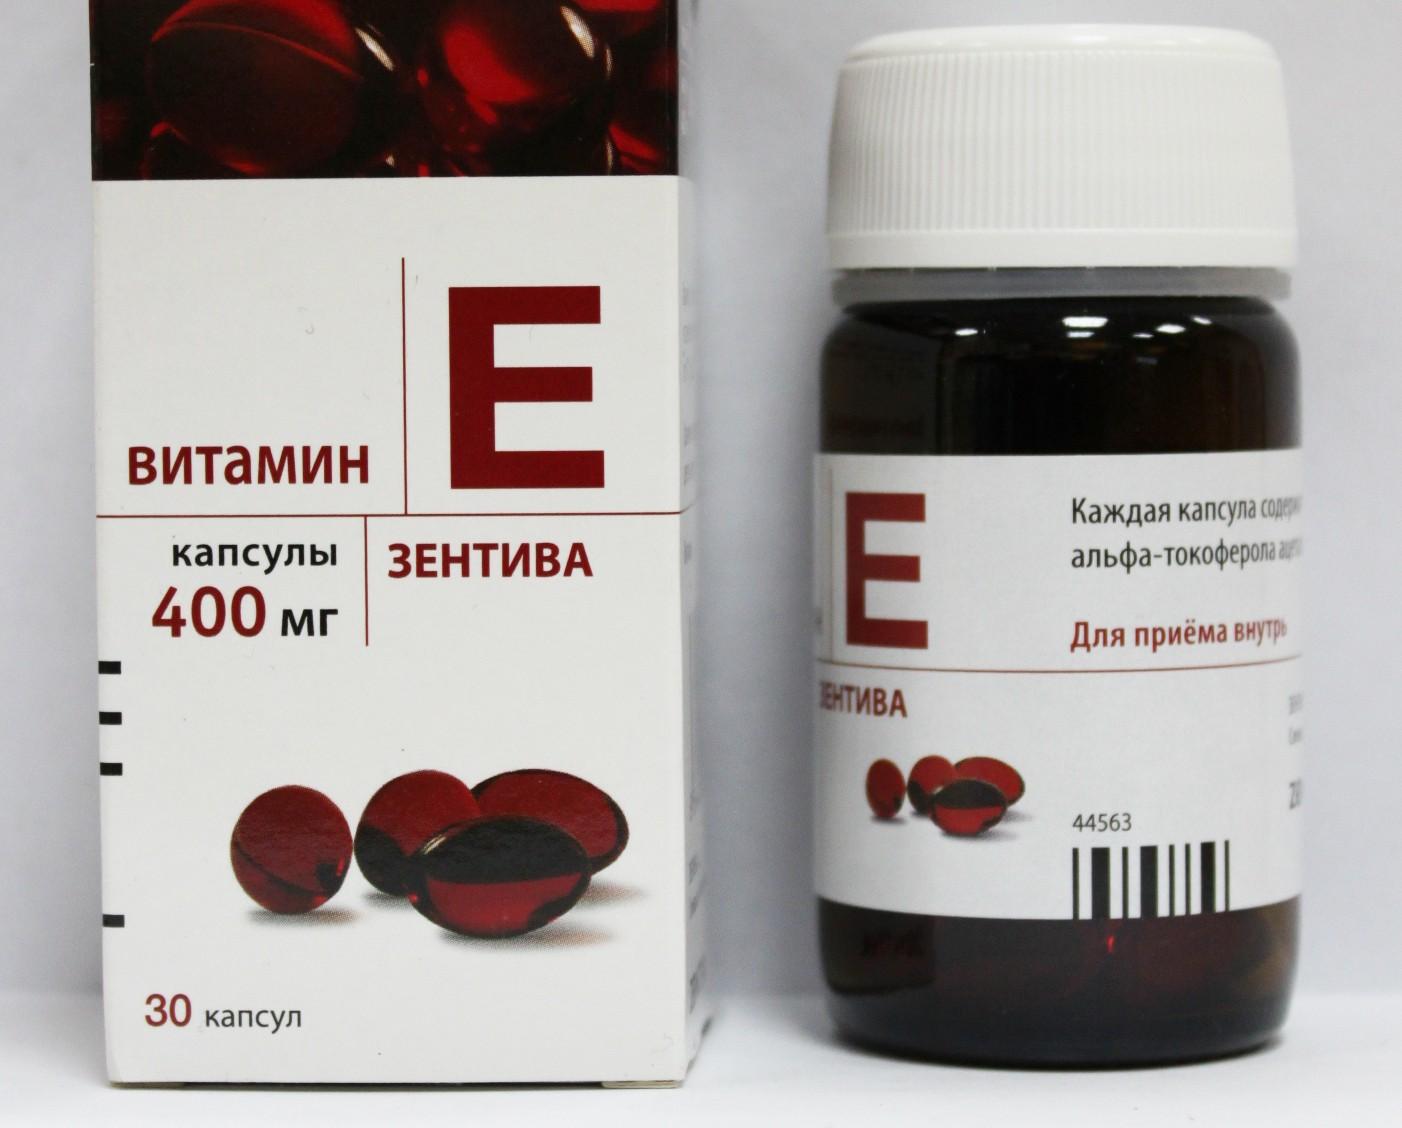 Витамин Е как принимать